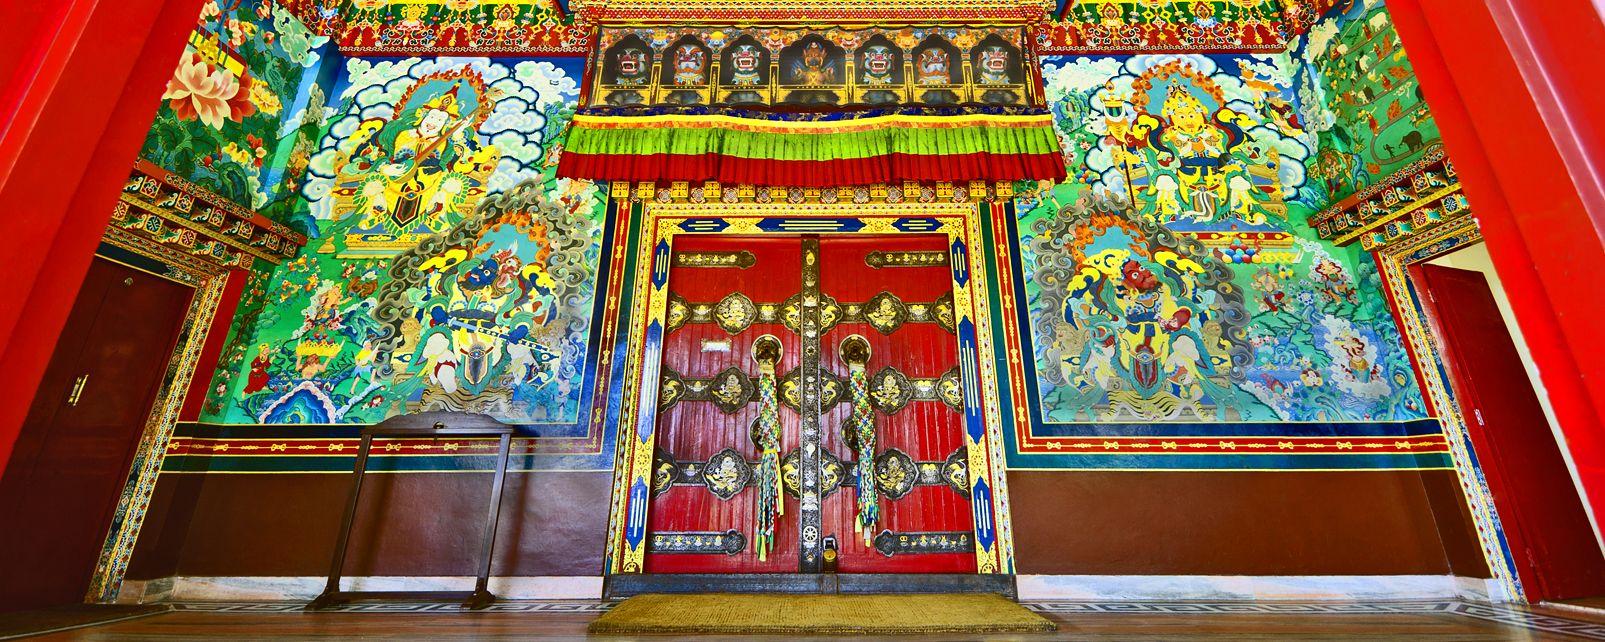 Les arts et la culture, porte, Bouddha. Monastère, Copán, Kopan, Katmandou, Népal, asie, bouddhisme, religion.